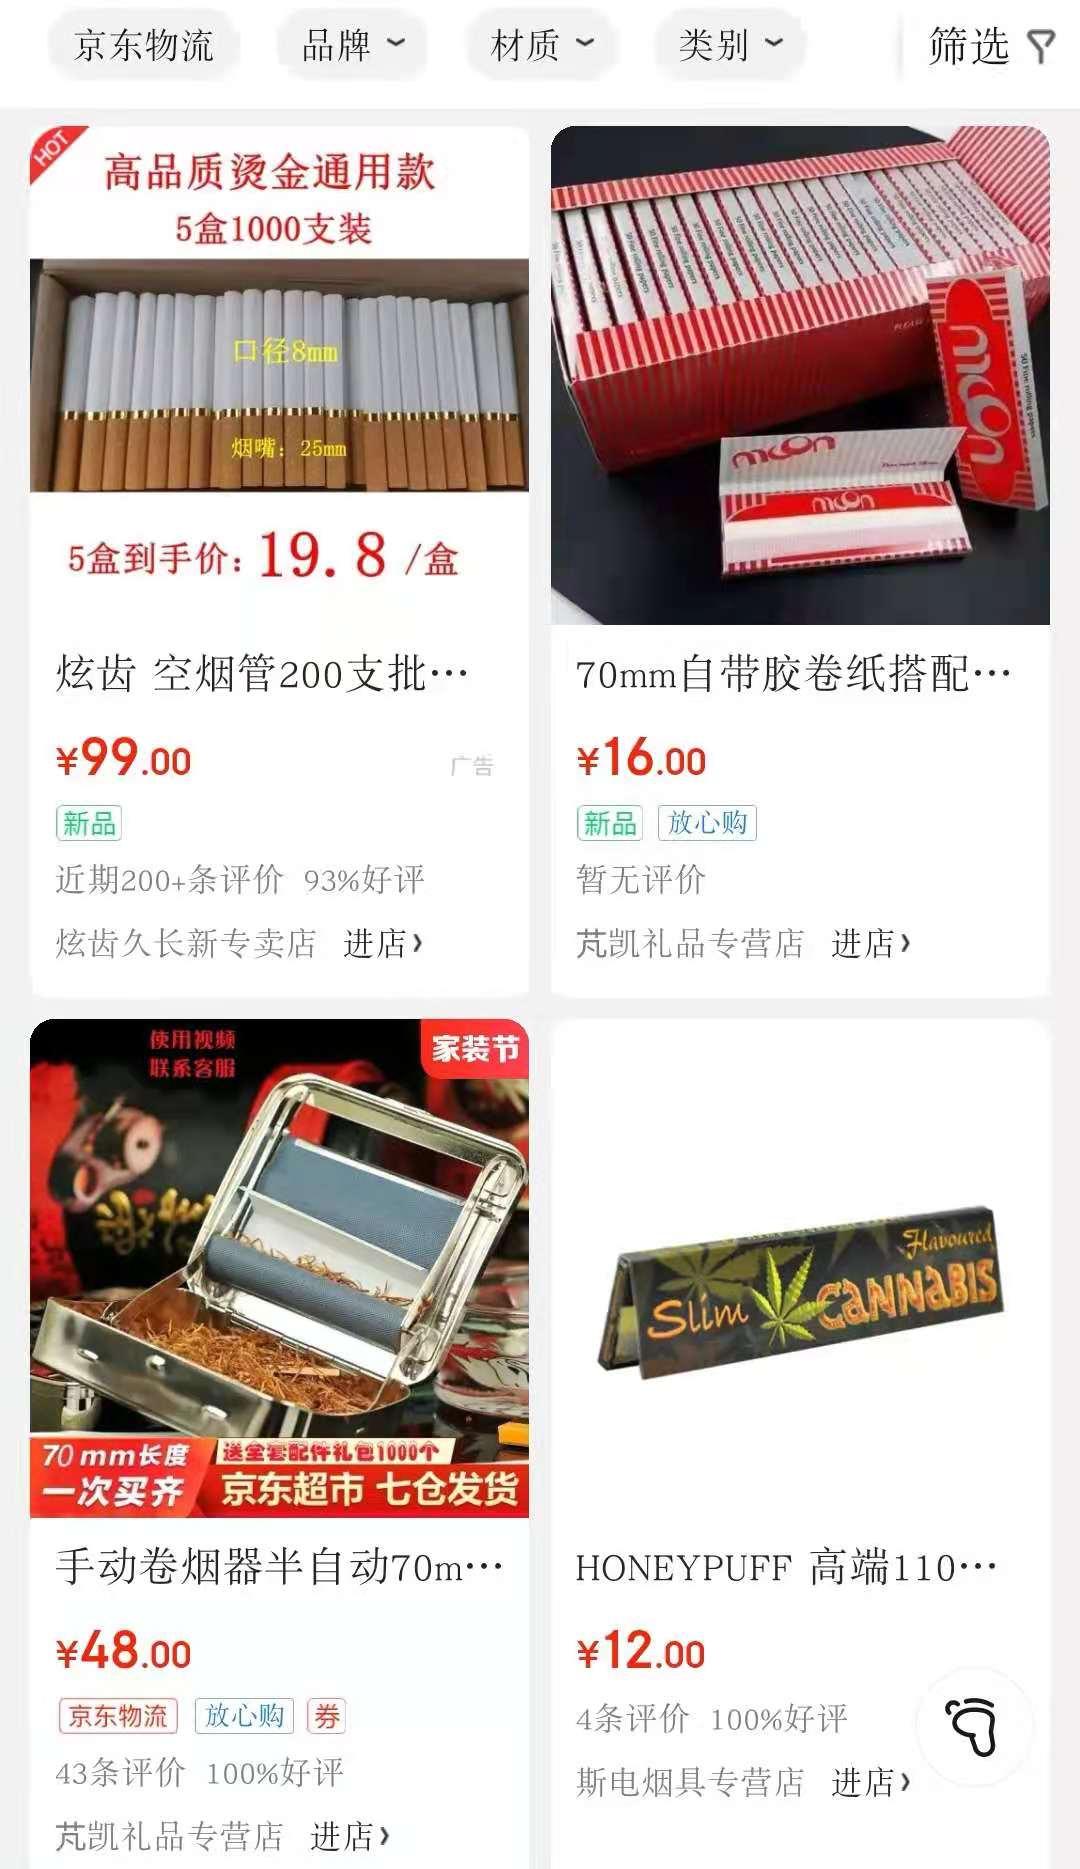 淘宝、拼多多等平台非法出售烟丝、卷烟纸等烟草专卖品